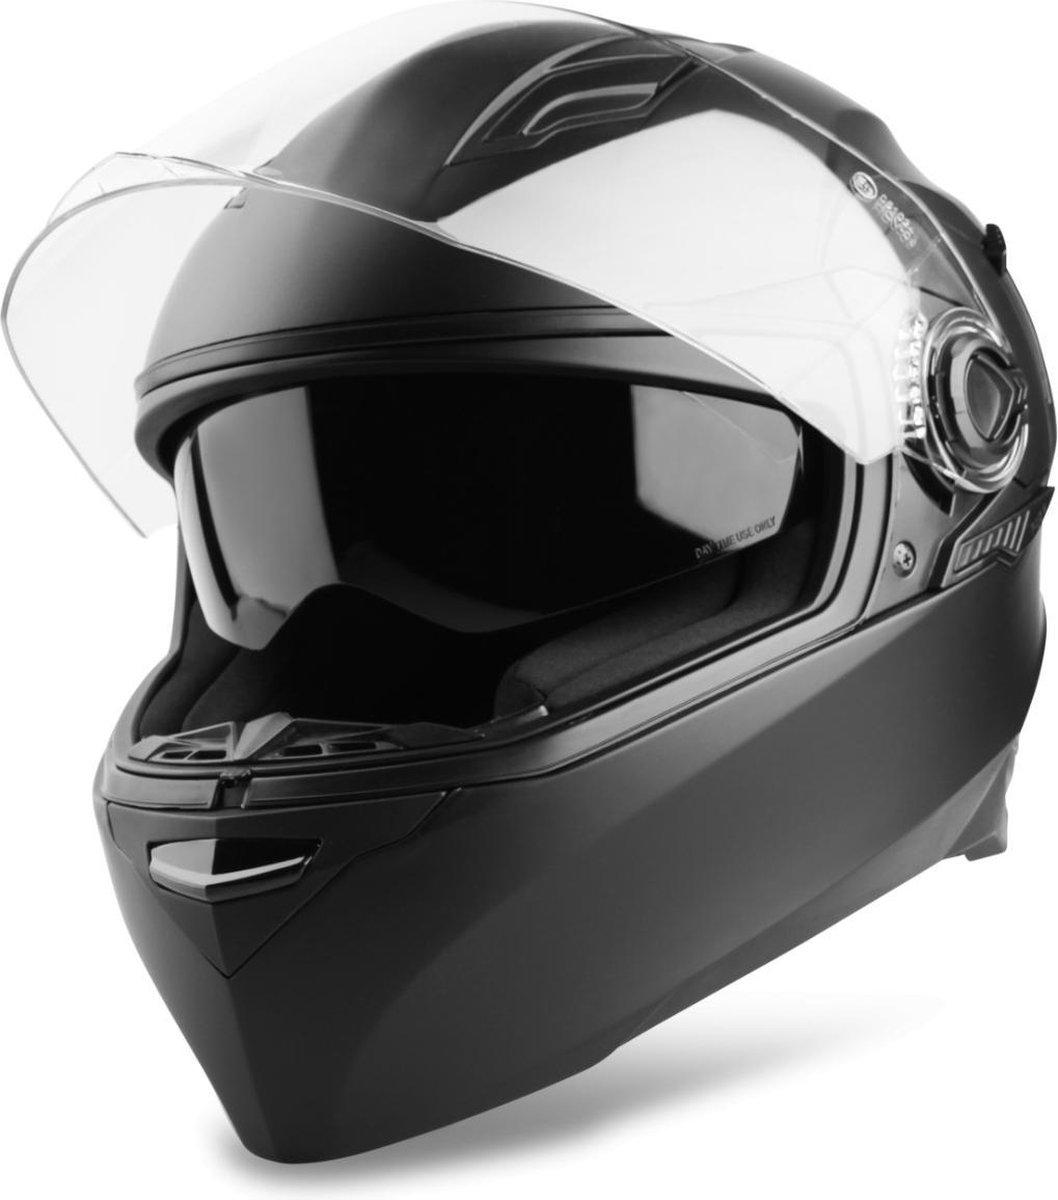 Vinz Kensal Integraalhelm Mat Zwart / Integraal Helm / Scooterhelm / Brommerhelm / Motorhelm voor Sc